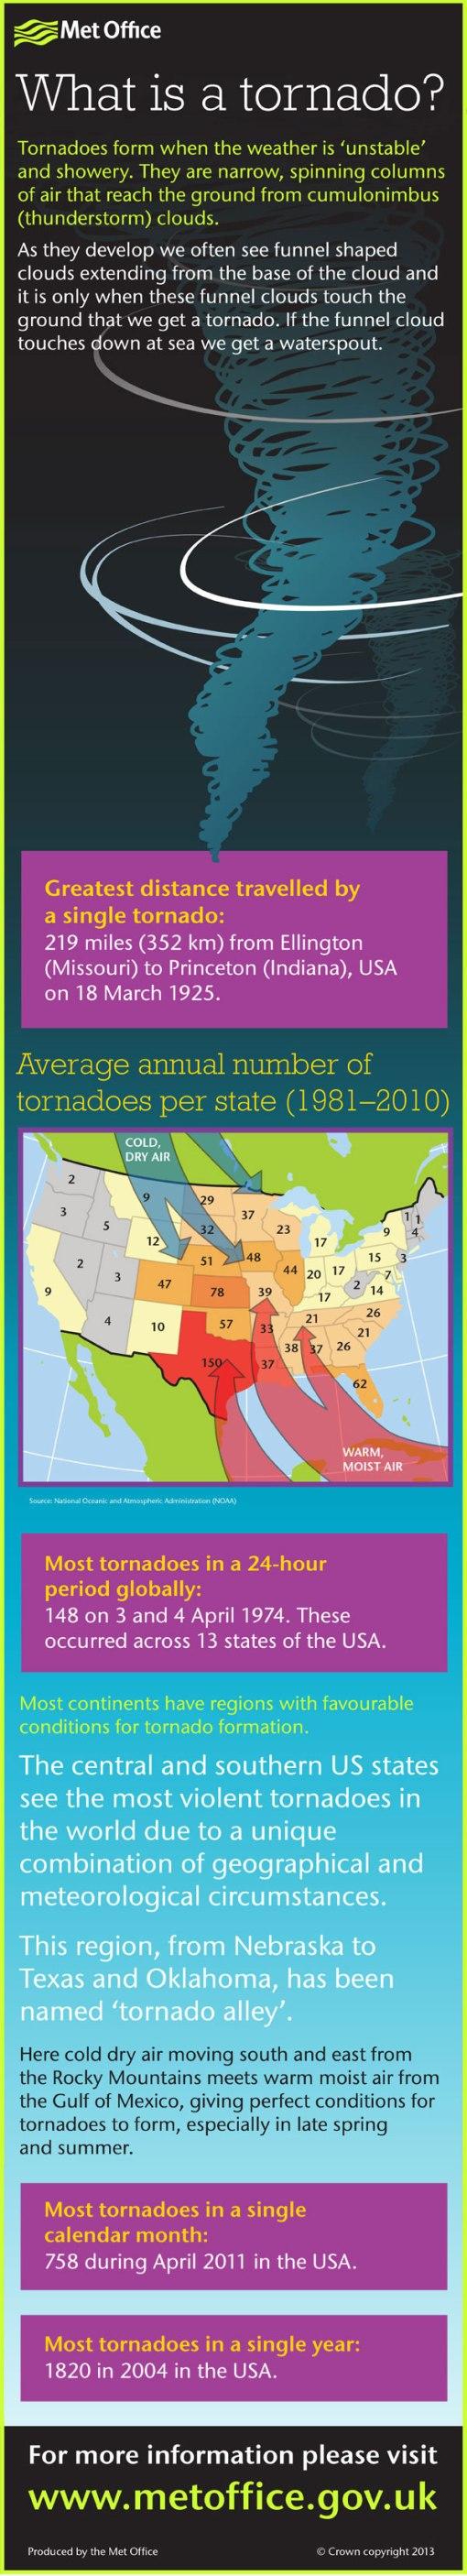 tornado-infographic